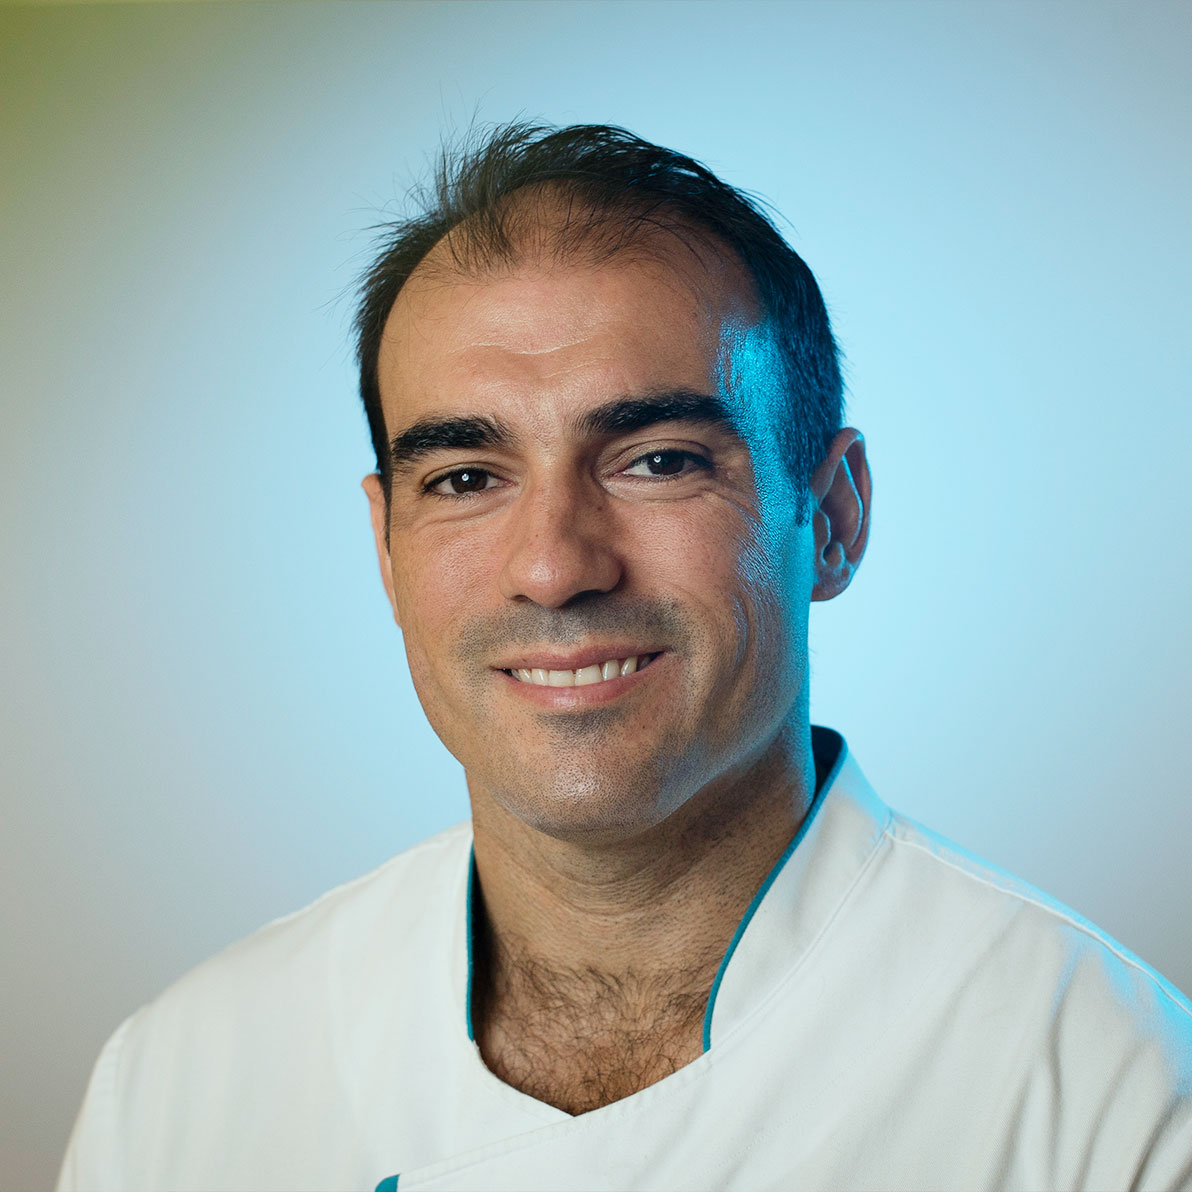 Dr. Arturo Merino Giralt